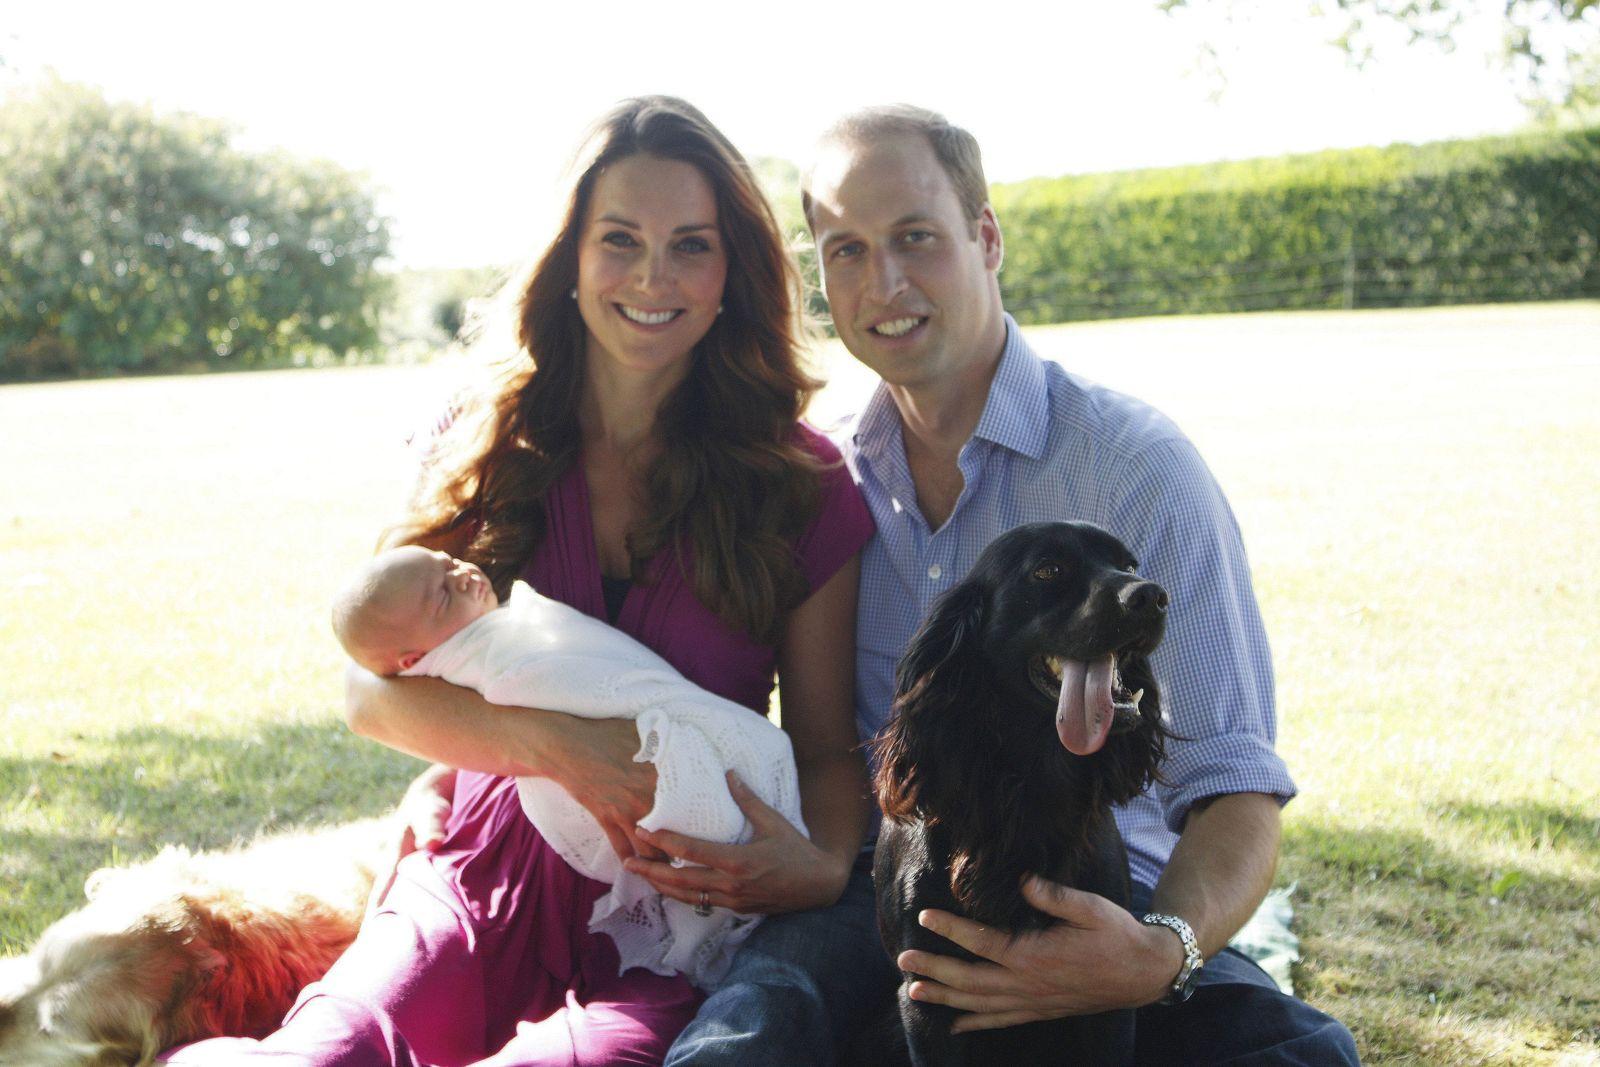 Duke and Duchess of Cambridge dog Lupo dies